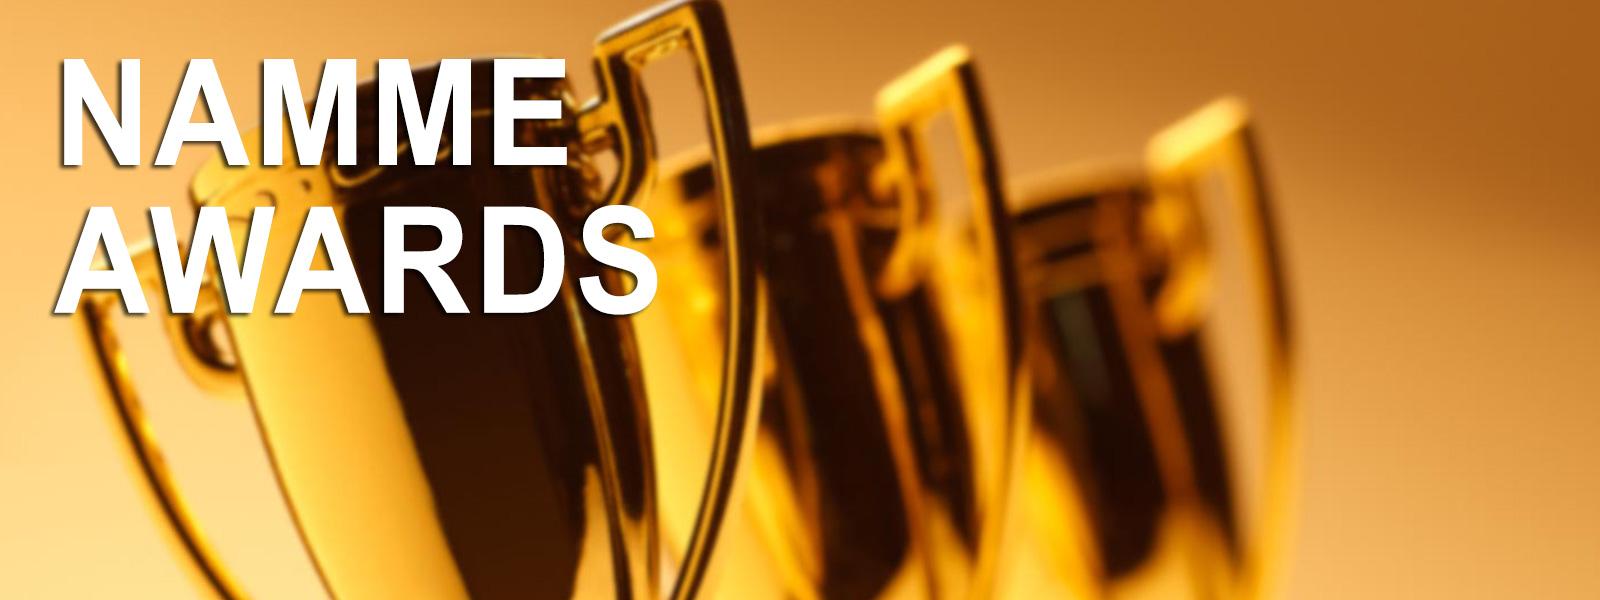 namme_Awards